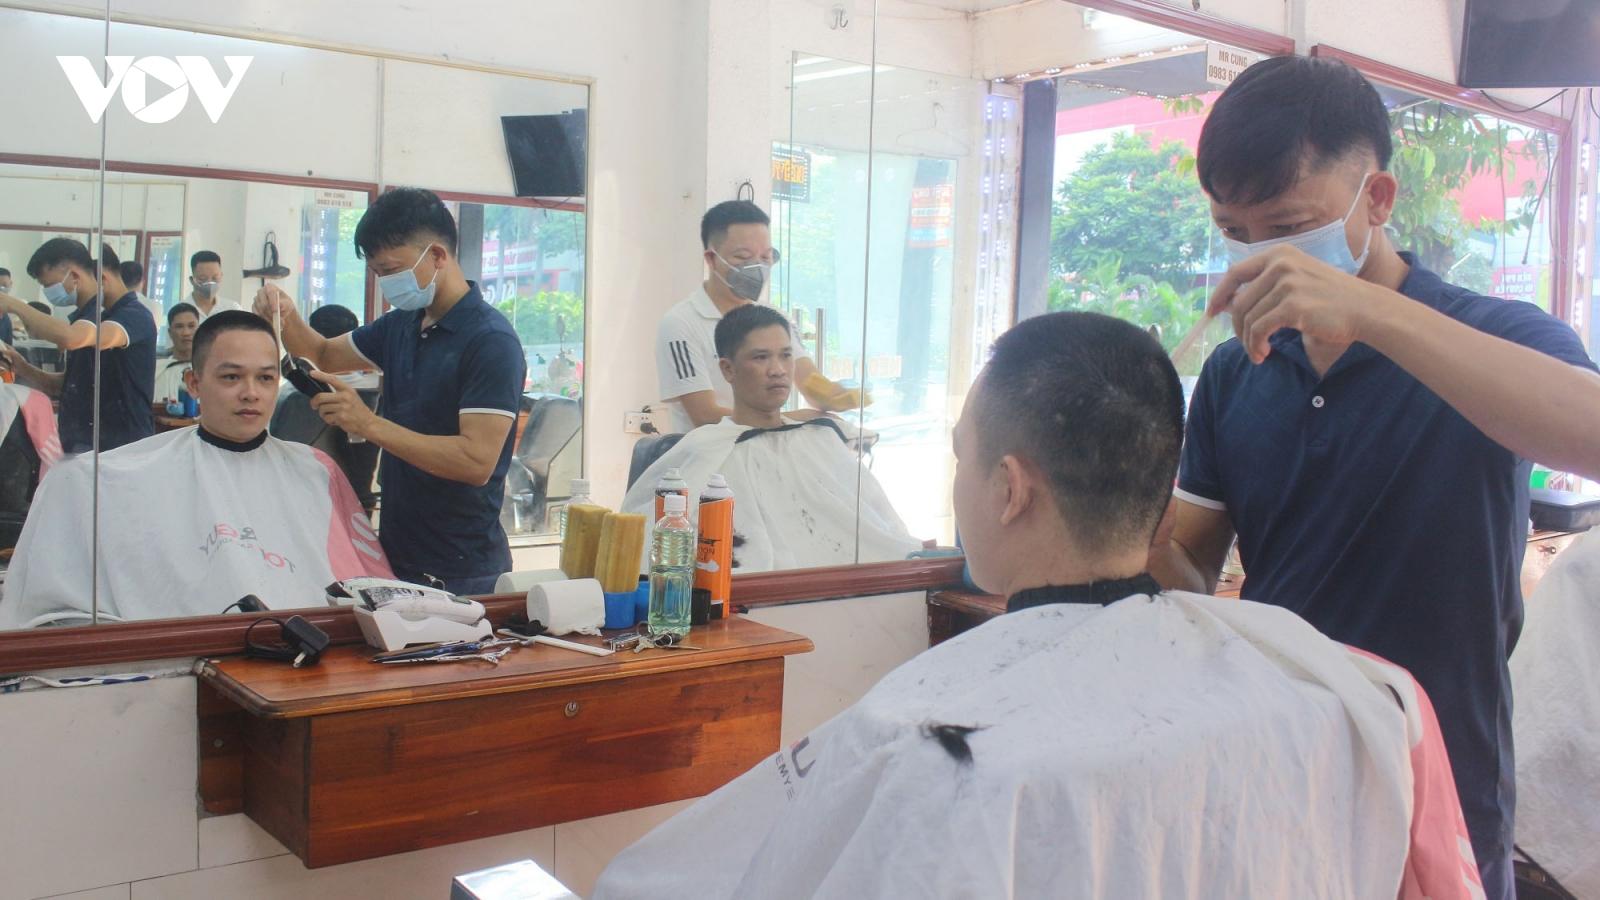 Tiệm cắt tóc mở cửa trở lại sau hơn 2 tháng đóng cửa, chủ tiệm vừa mừng vừa lo